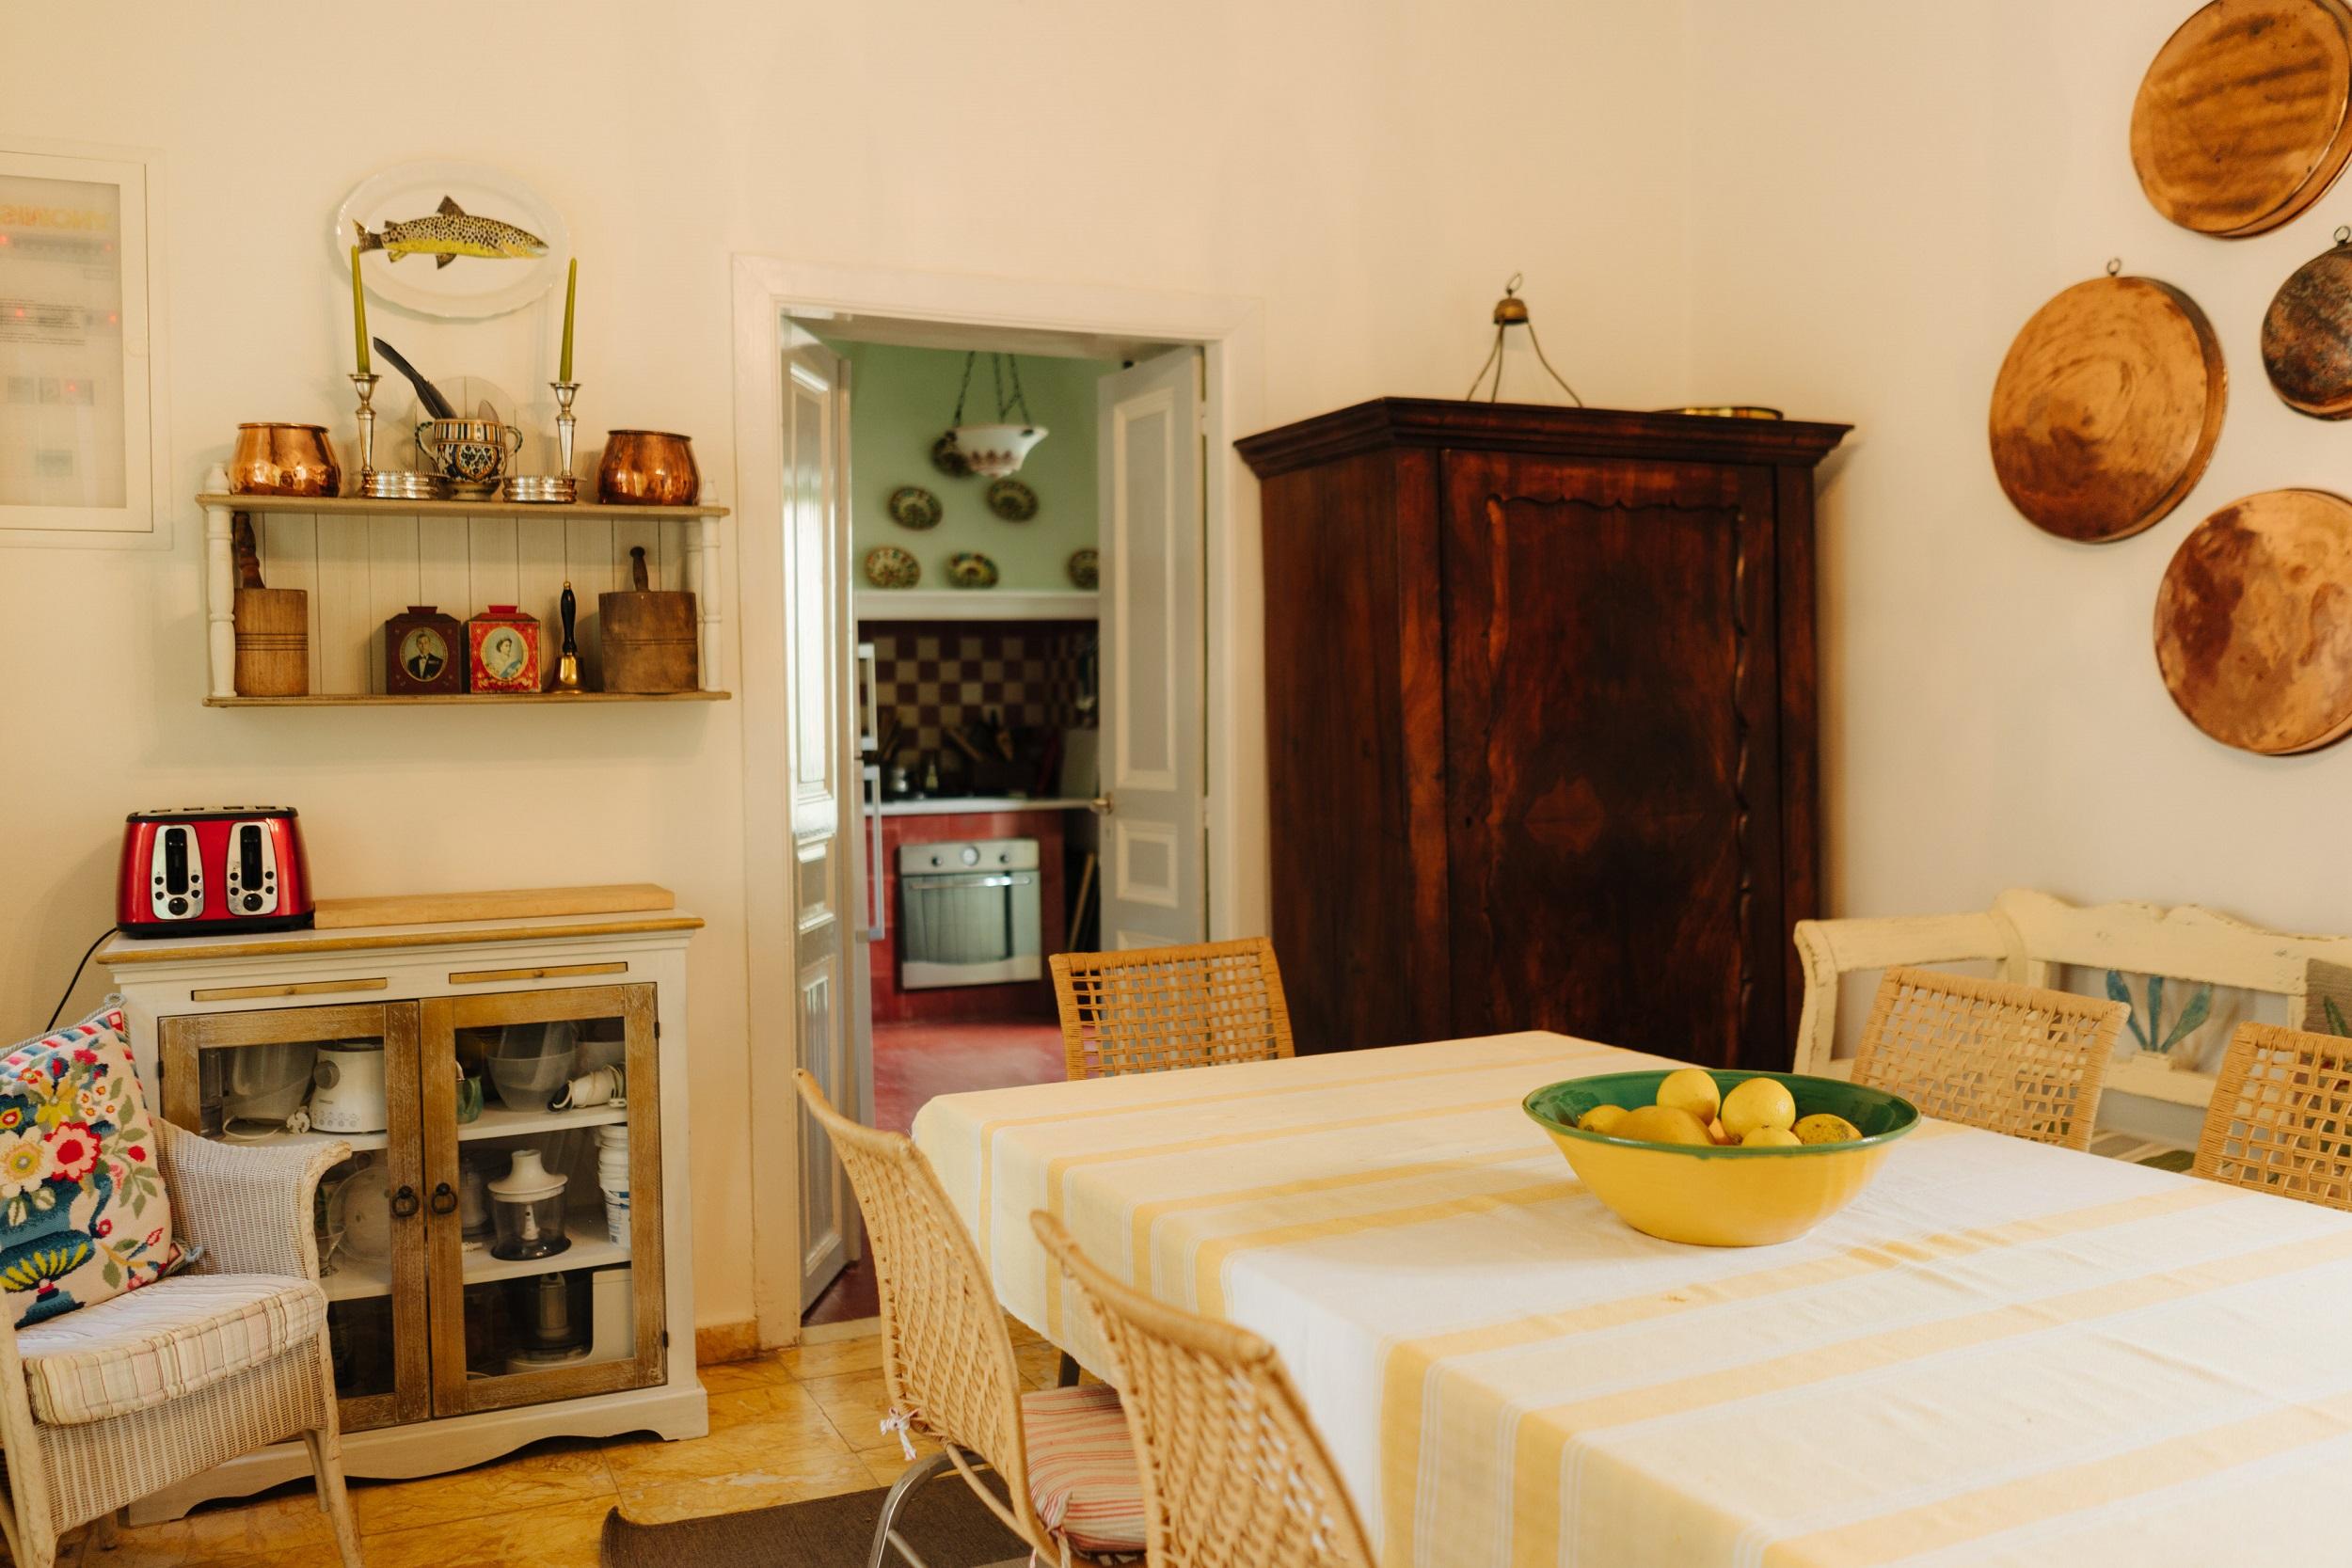 Dining Room at Manna